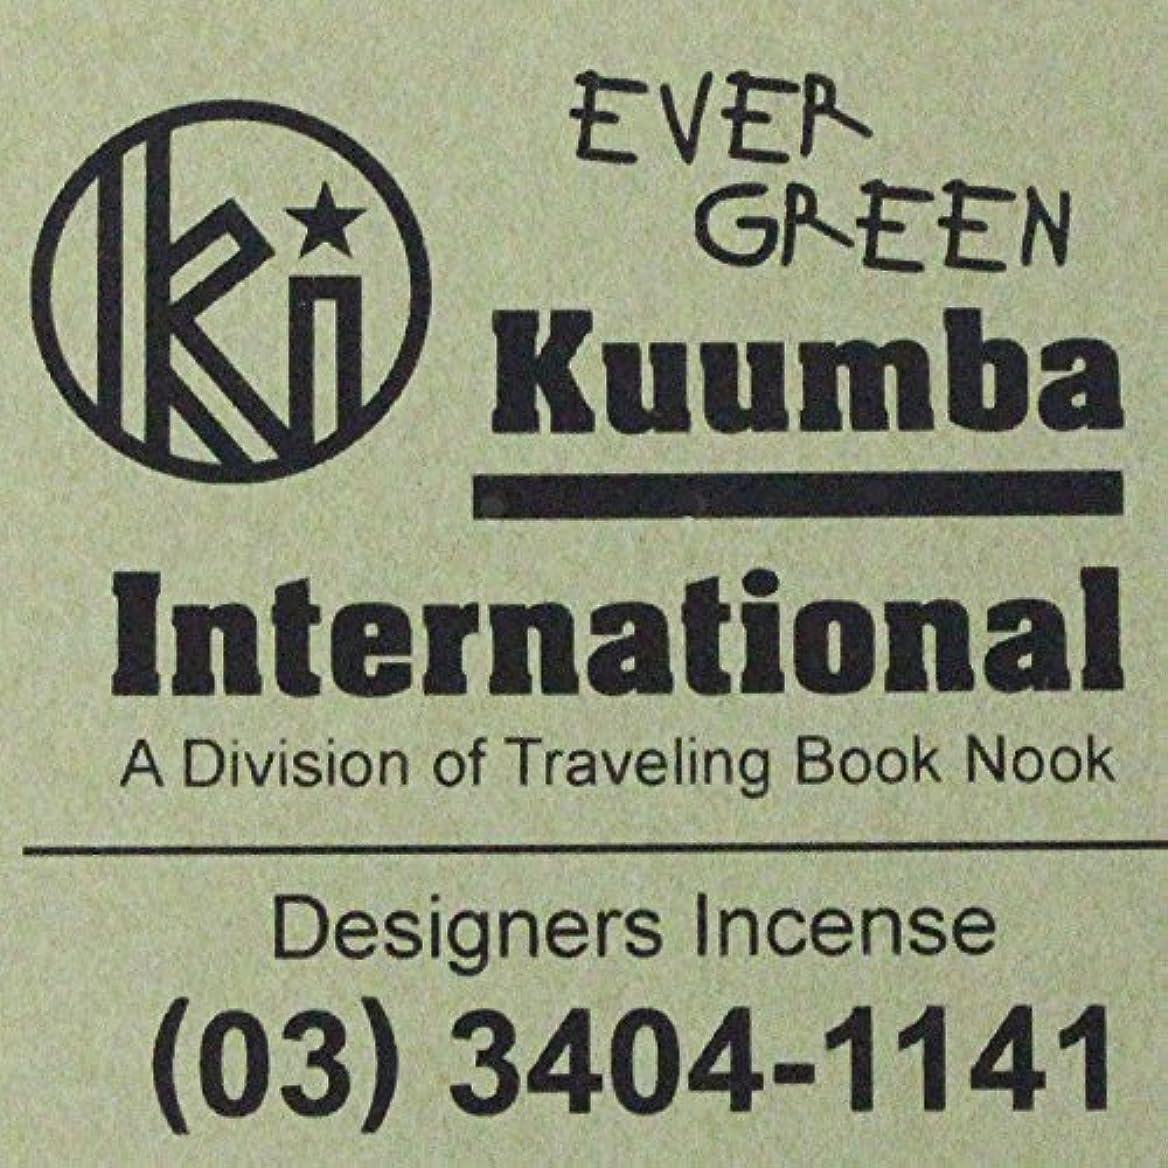 はがき放課後嫌な(クンバ) KUUMBA『incense』(EVER GREEN) (Regular size)